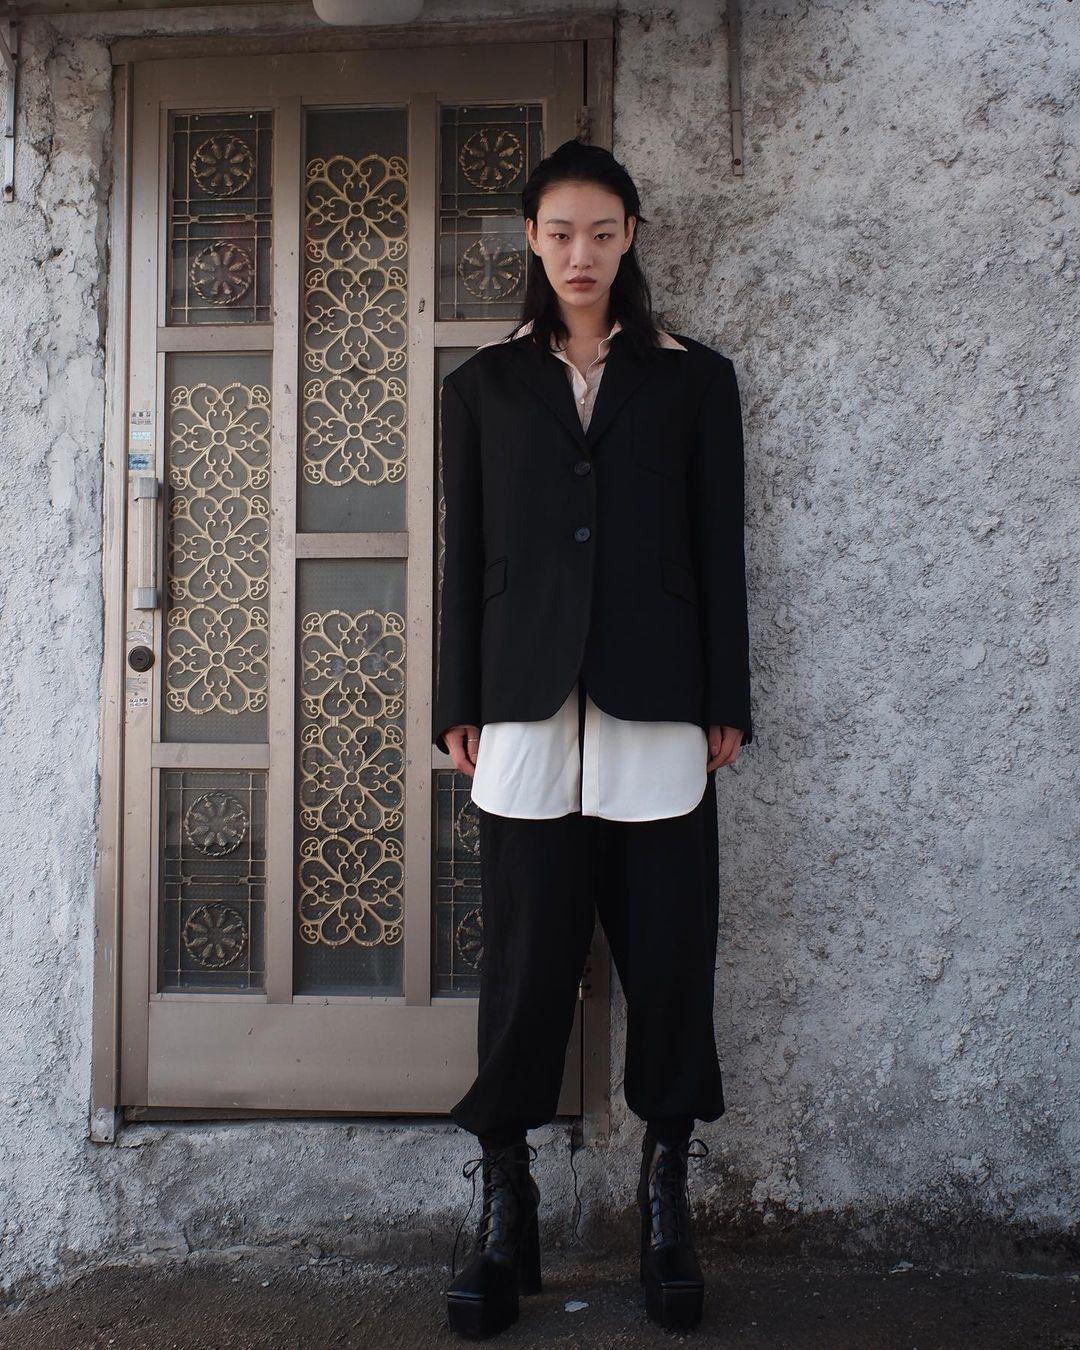 áo blazer bộ suit đồng điệu phong cách menswear